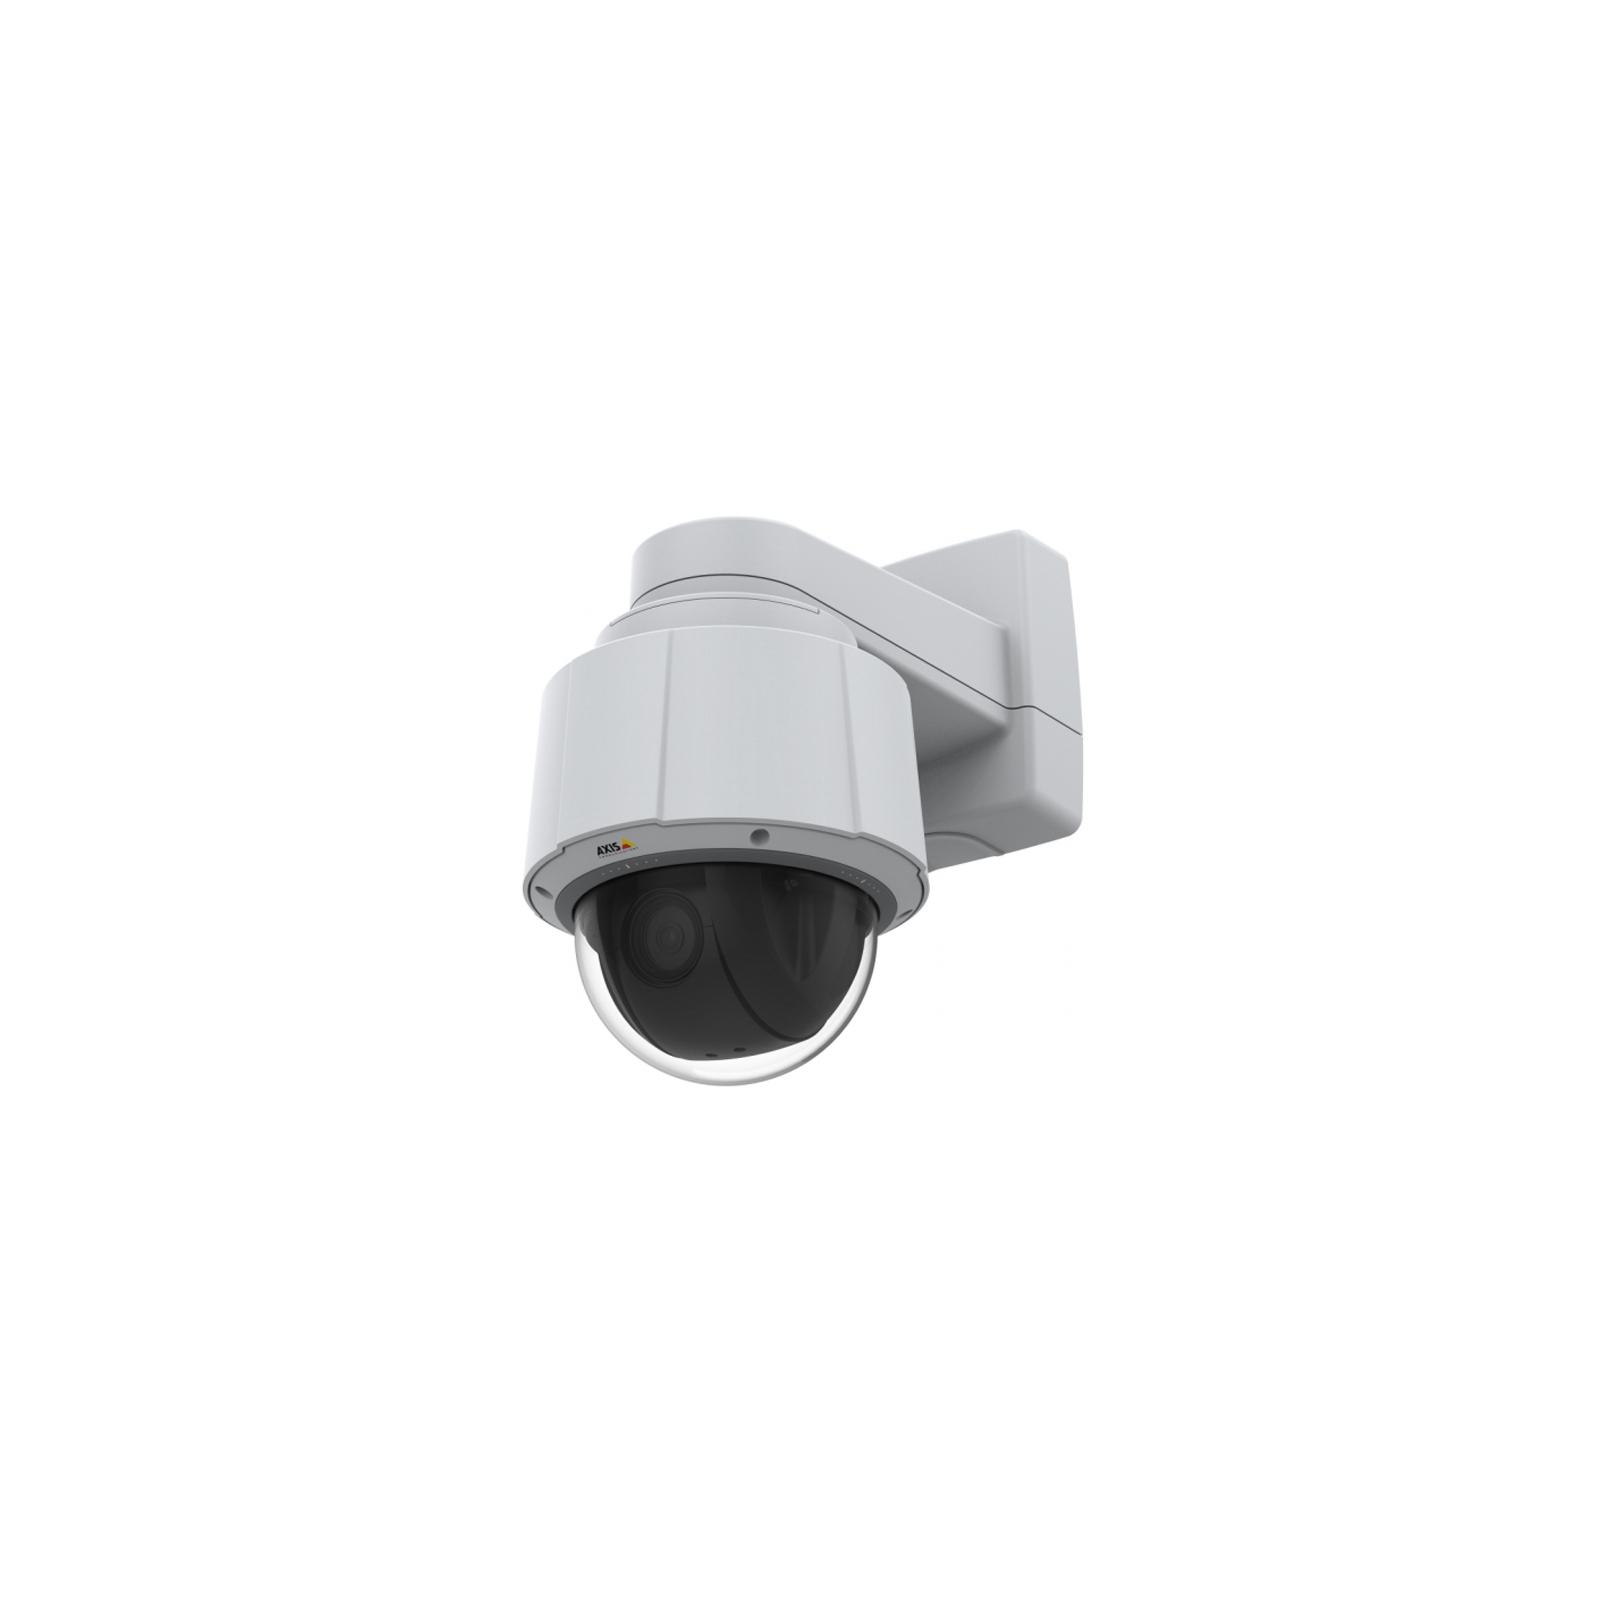 Камера видеонаблюдения Axis Q6075 50Hz (PTZ 40x) (01749-002)